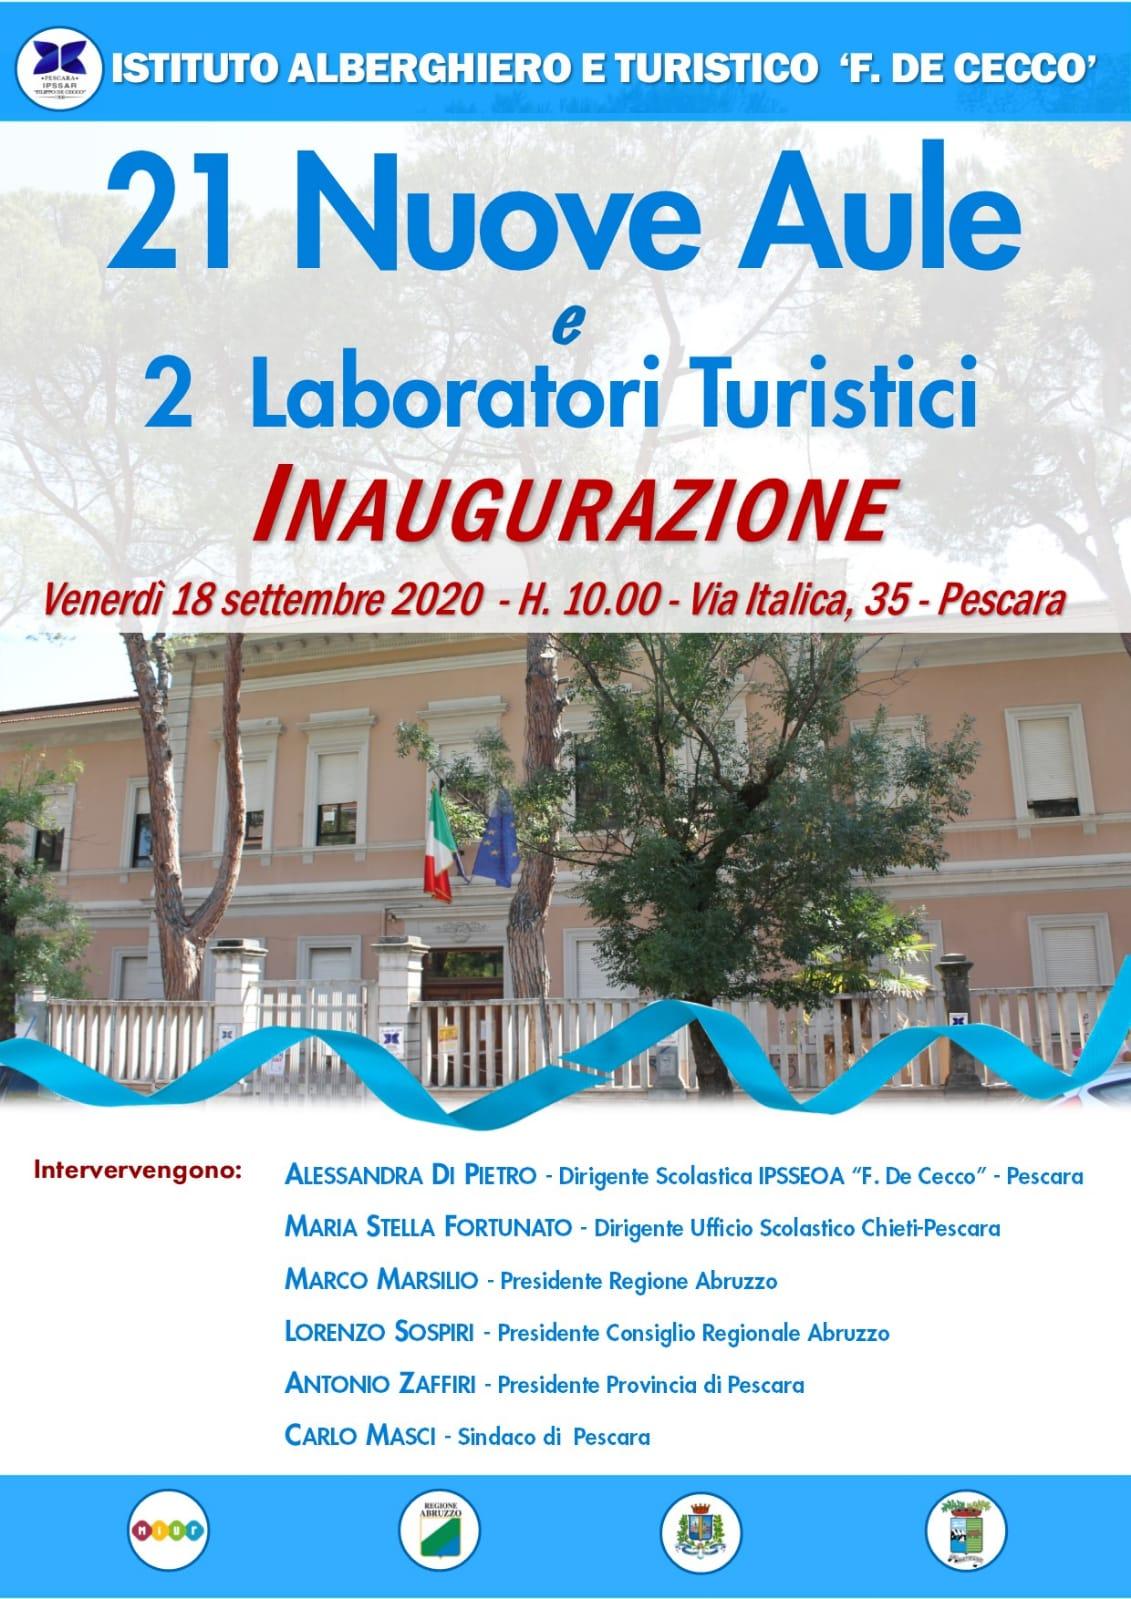 Inaugurazione delle Aule di via Italica